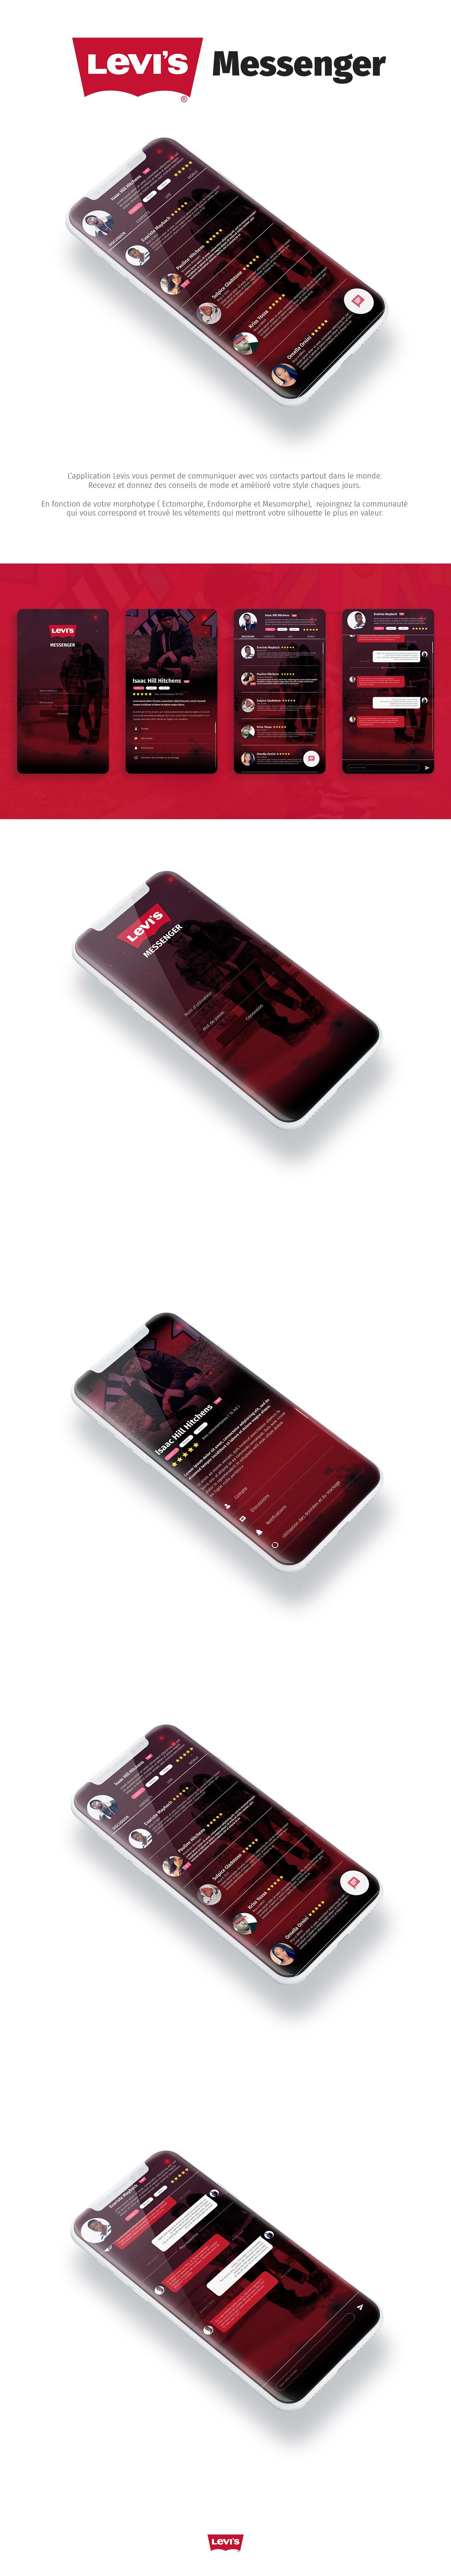 levis design messenger application Web digital numérique